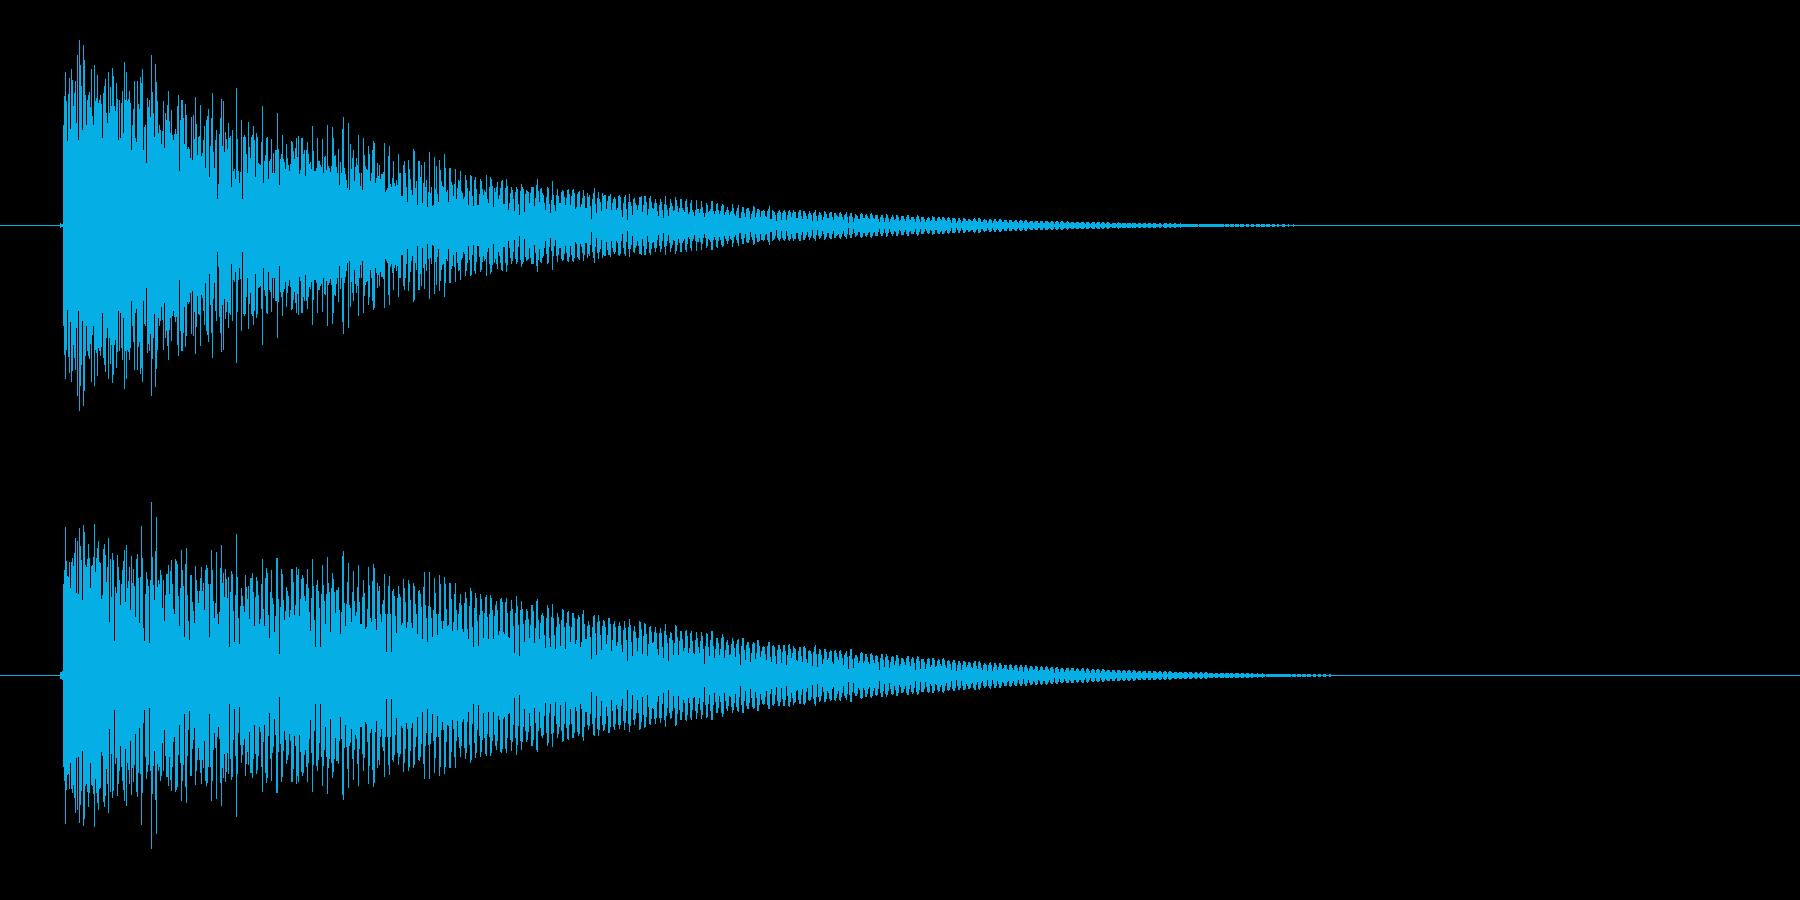 漫画インパクトバングの再生済みの波形